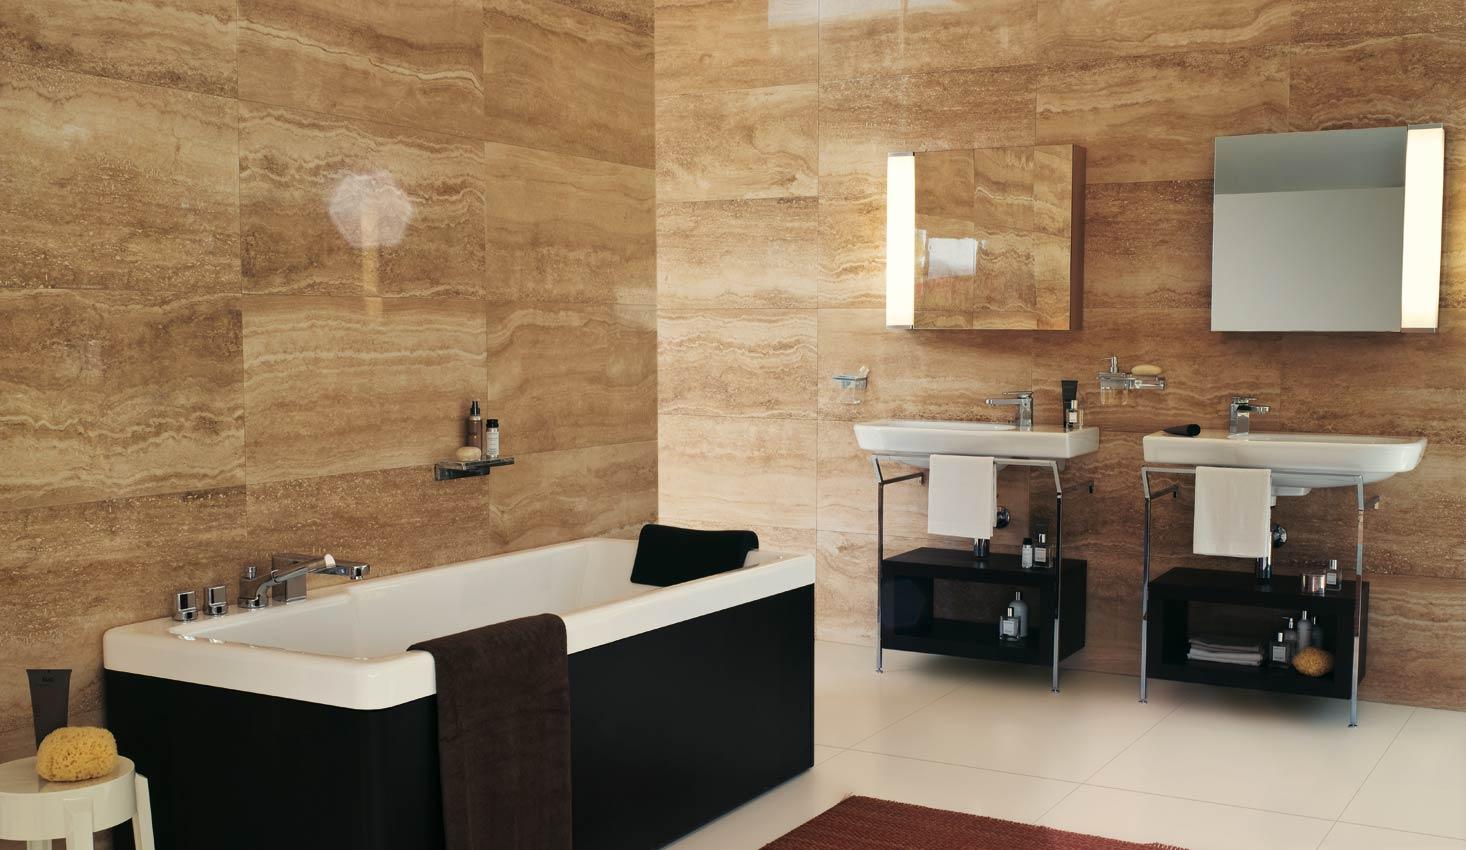 Bagno effetto marmo con i nuovi rivestimenti tante soluzioni da